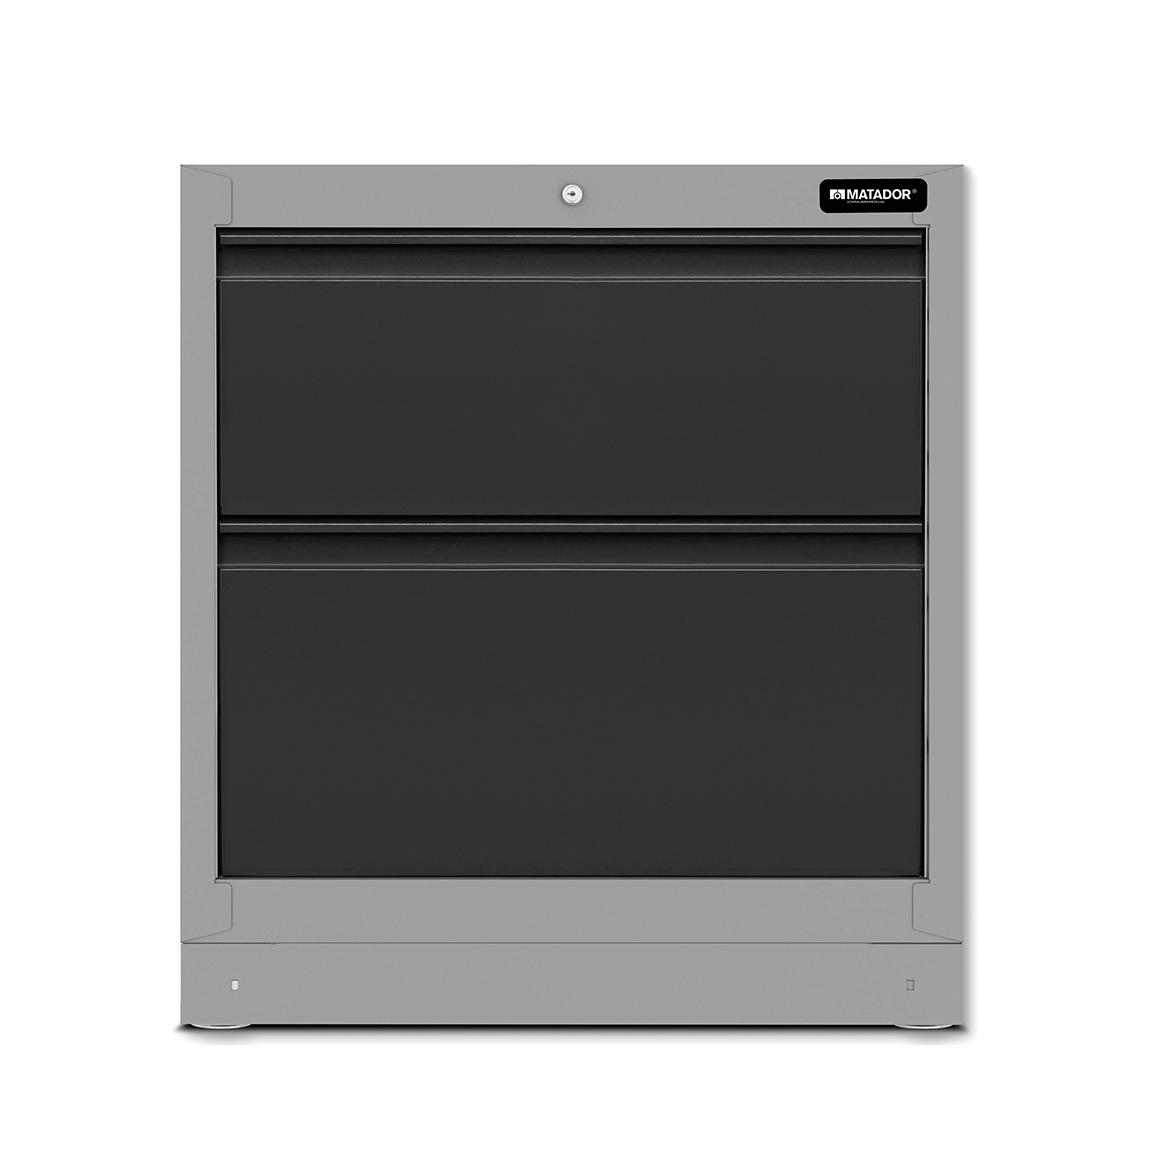 Men's Kitchen: Schubladenschrank L 2 Schubladen, 861 x 960 x 500 mm, MATADOR 81523406